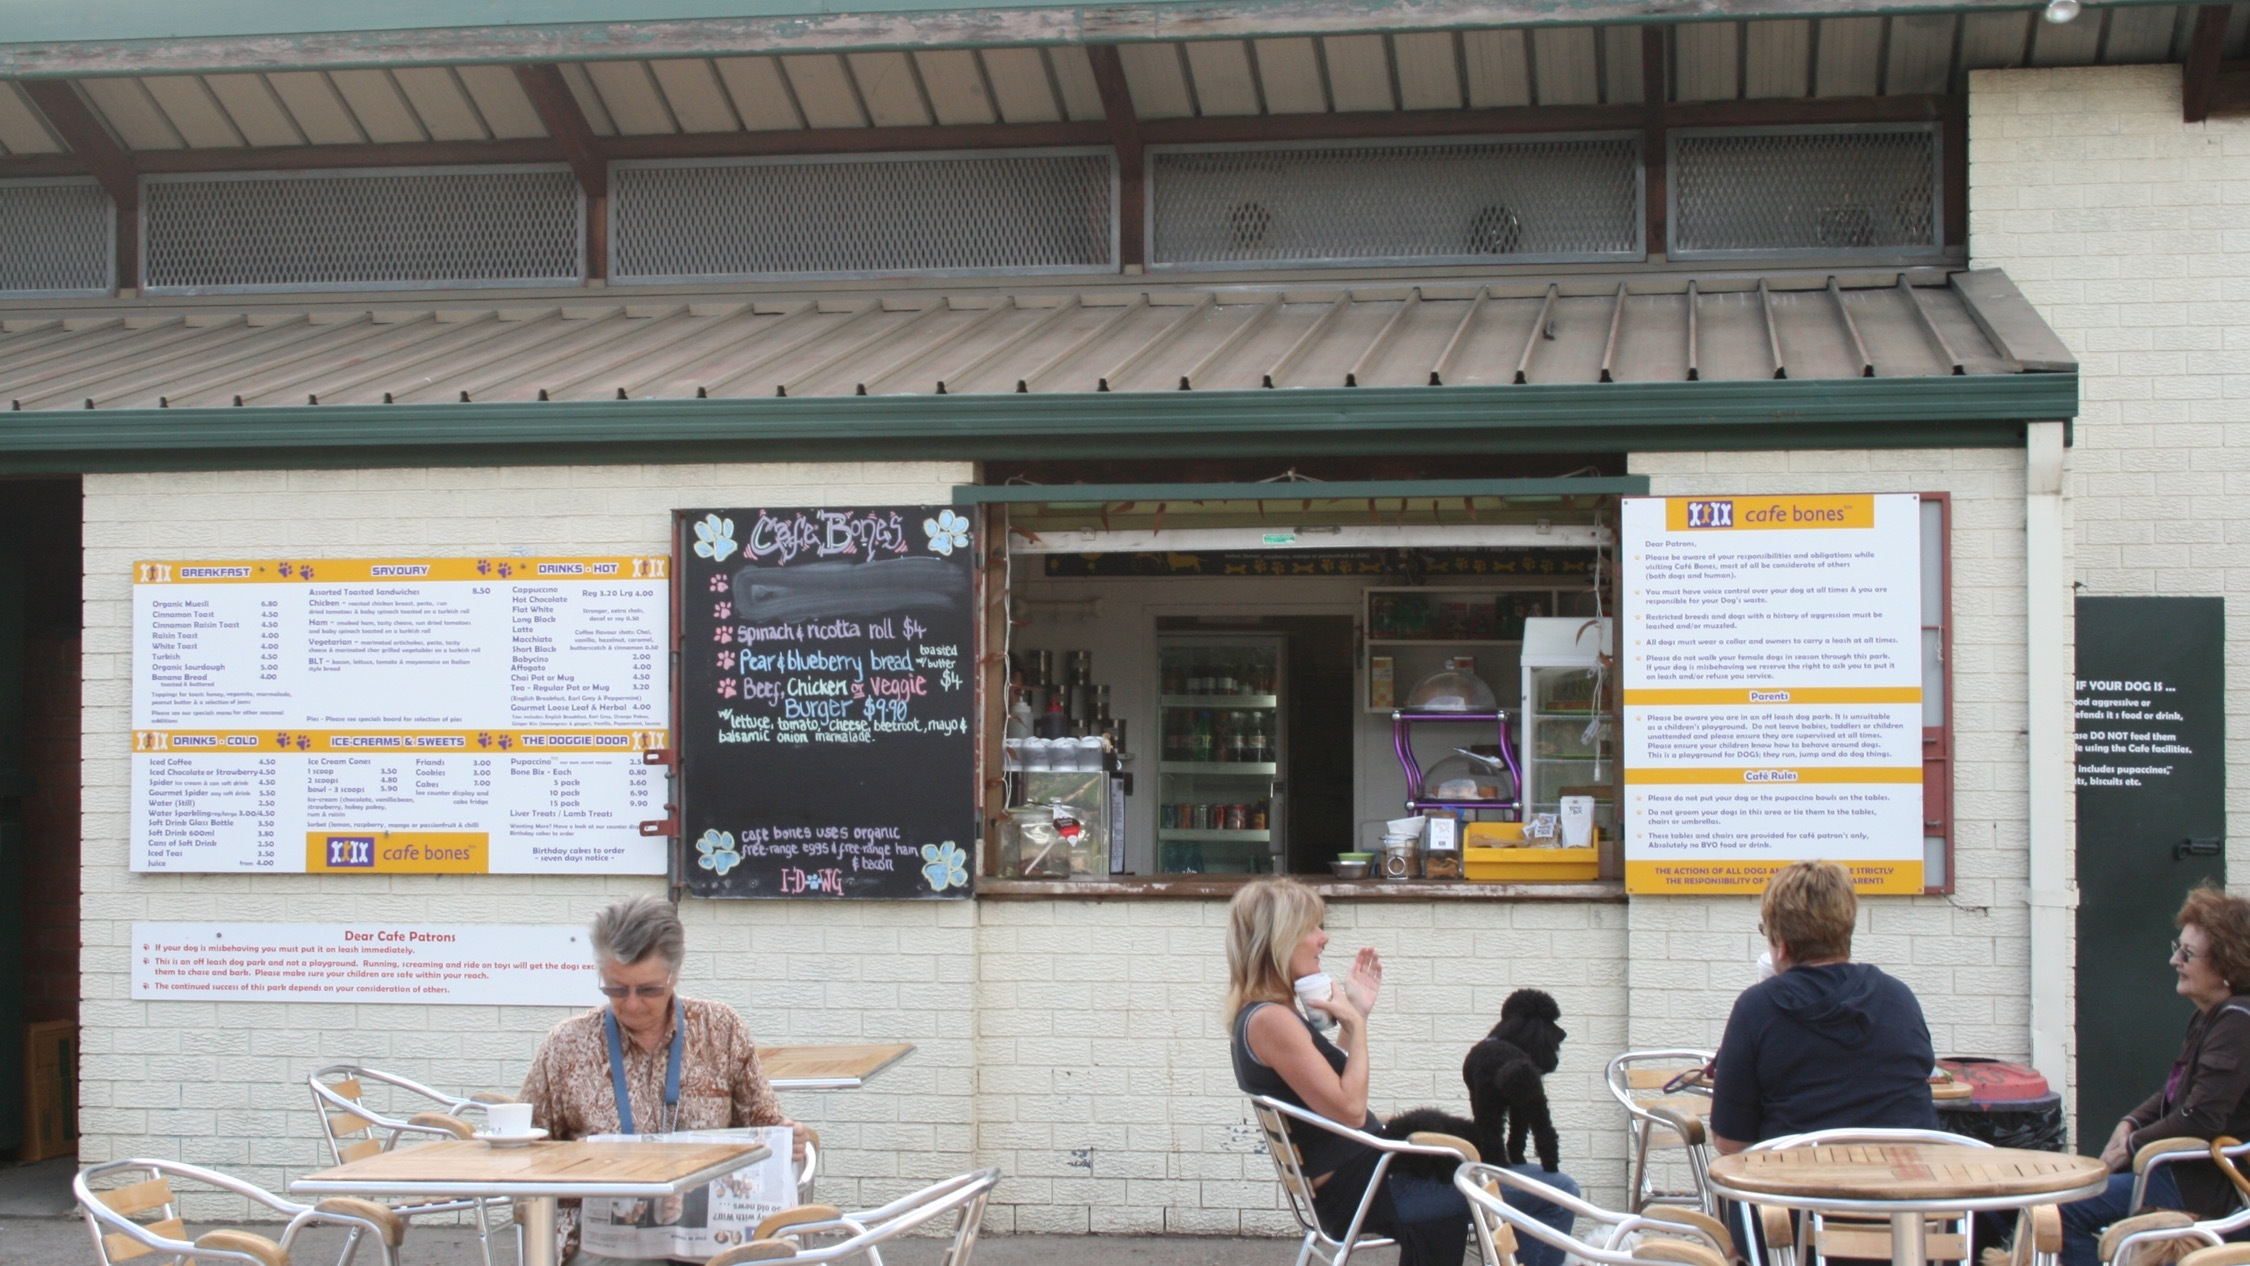 Cafe at Cafe Bones